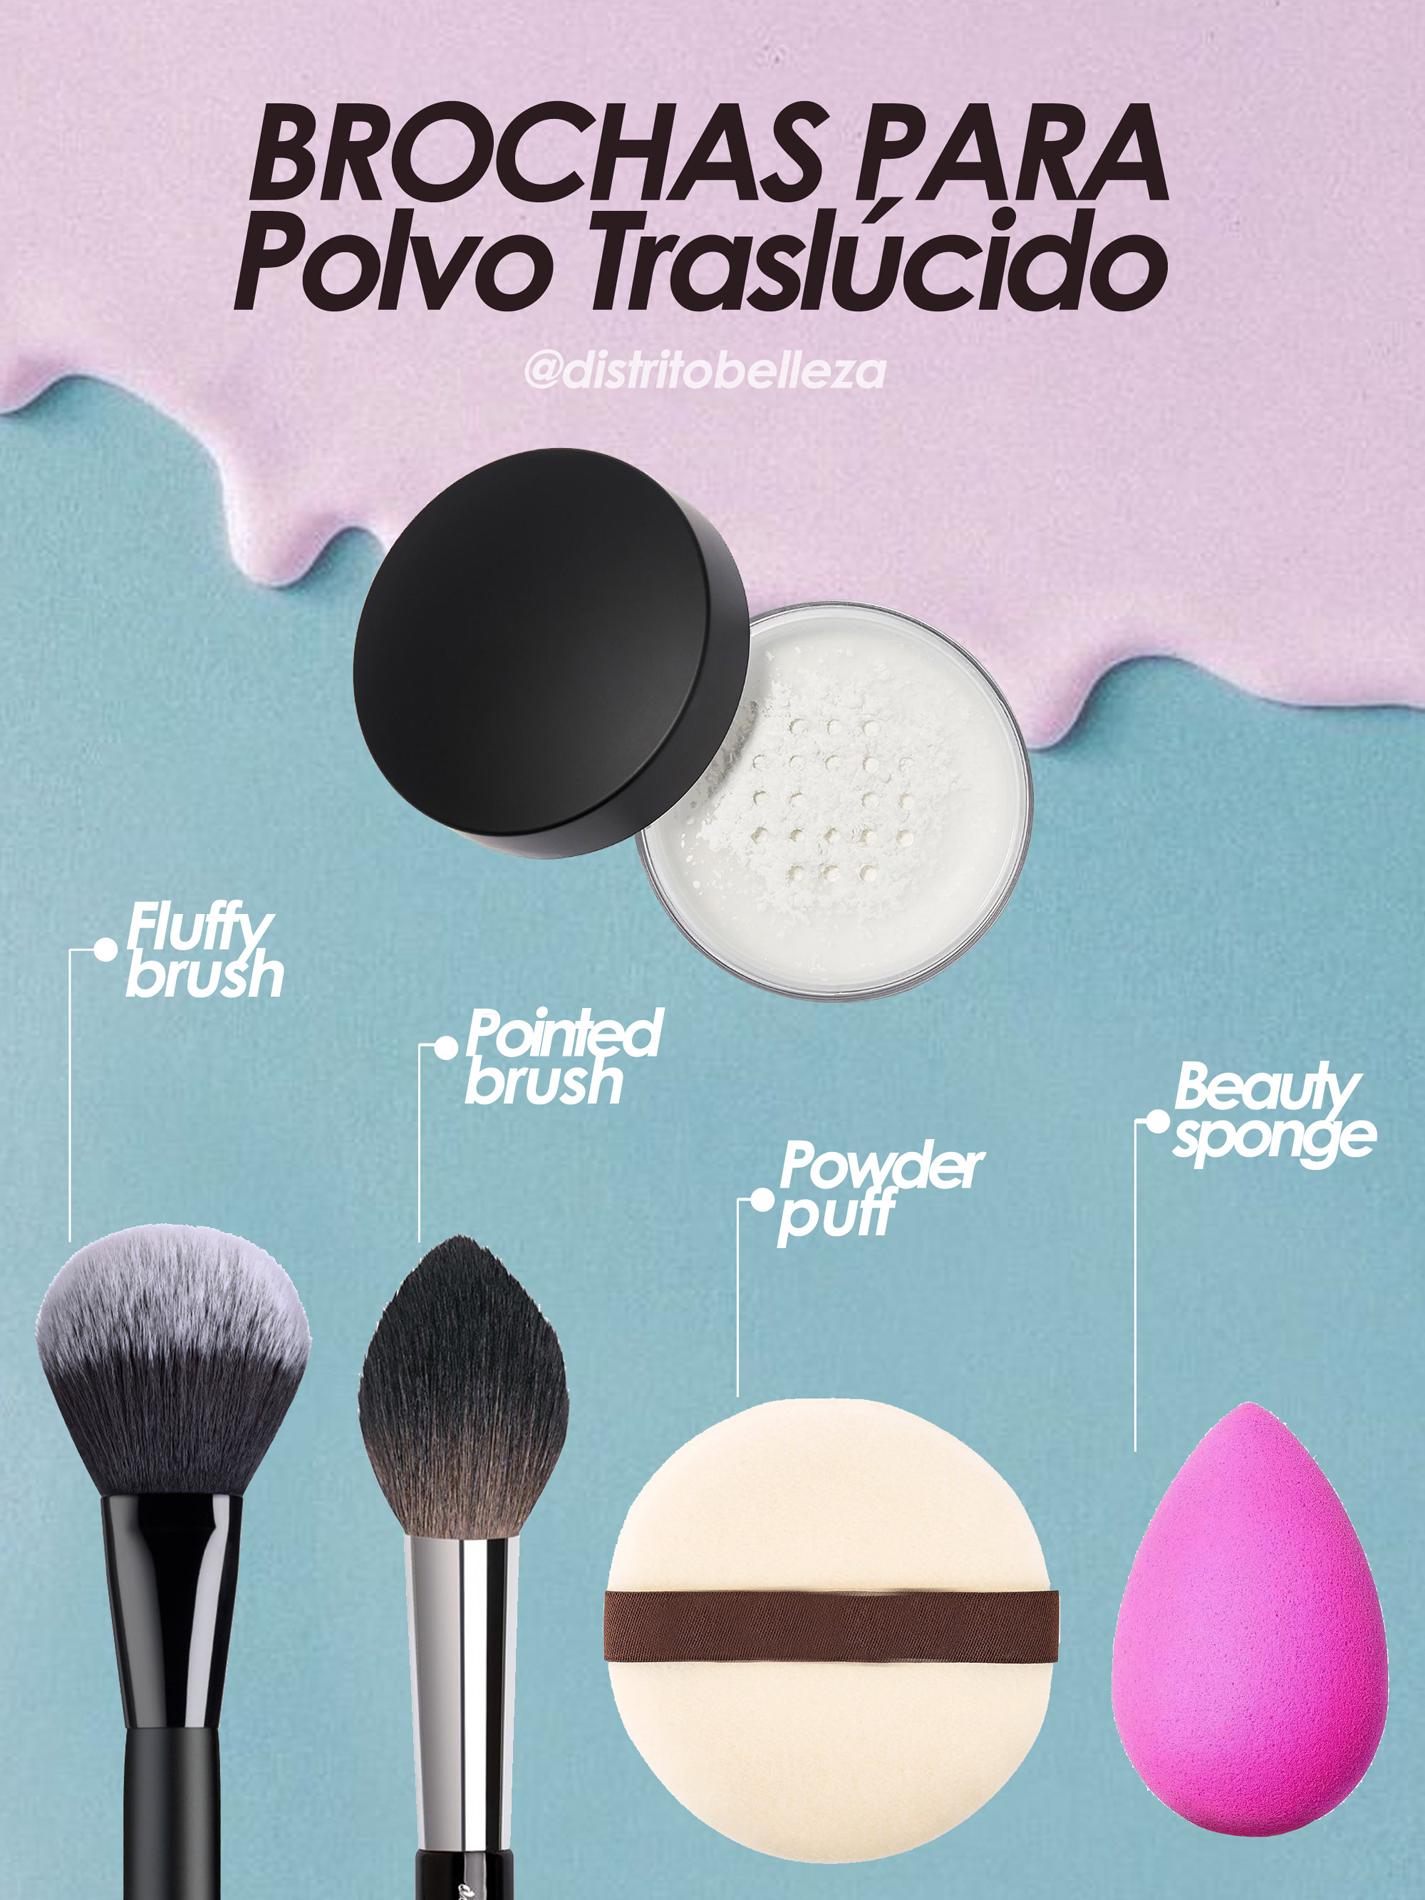 brochas de maquillaje polvo traslucido distrito